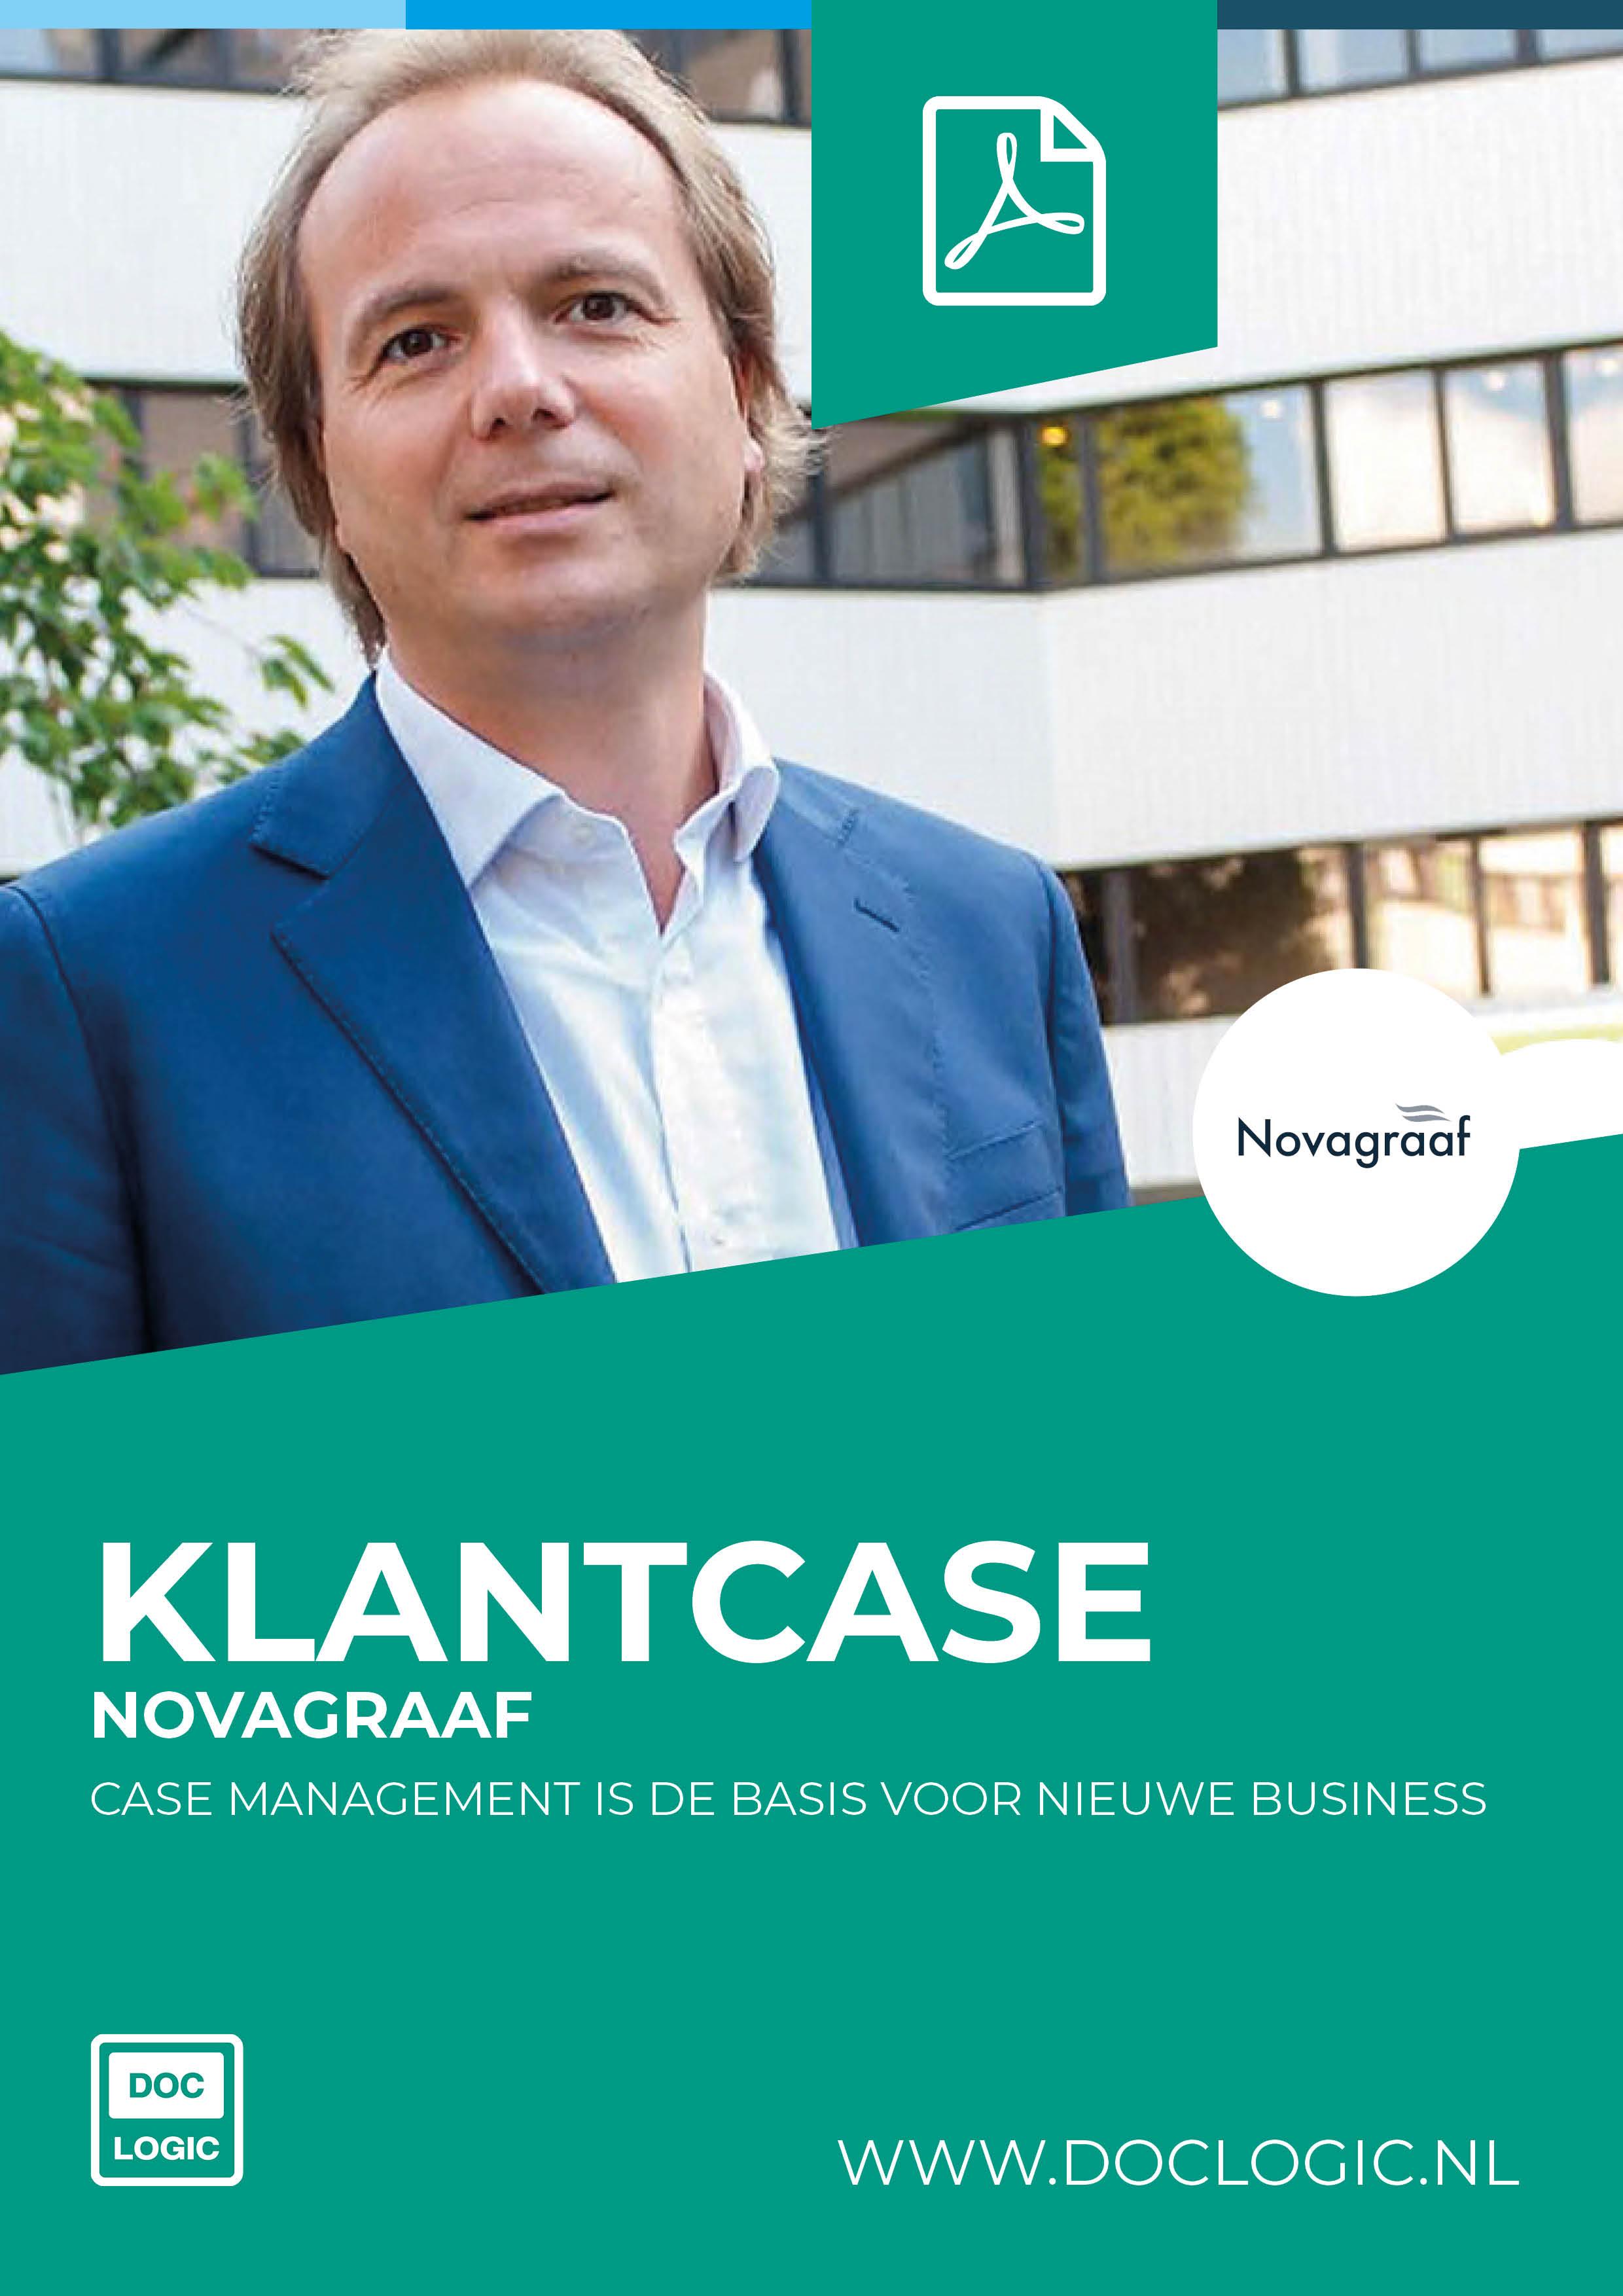 PDF_Klantcase_-_Novagraaf_Voorkant.jpg